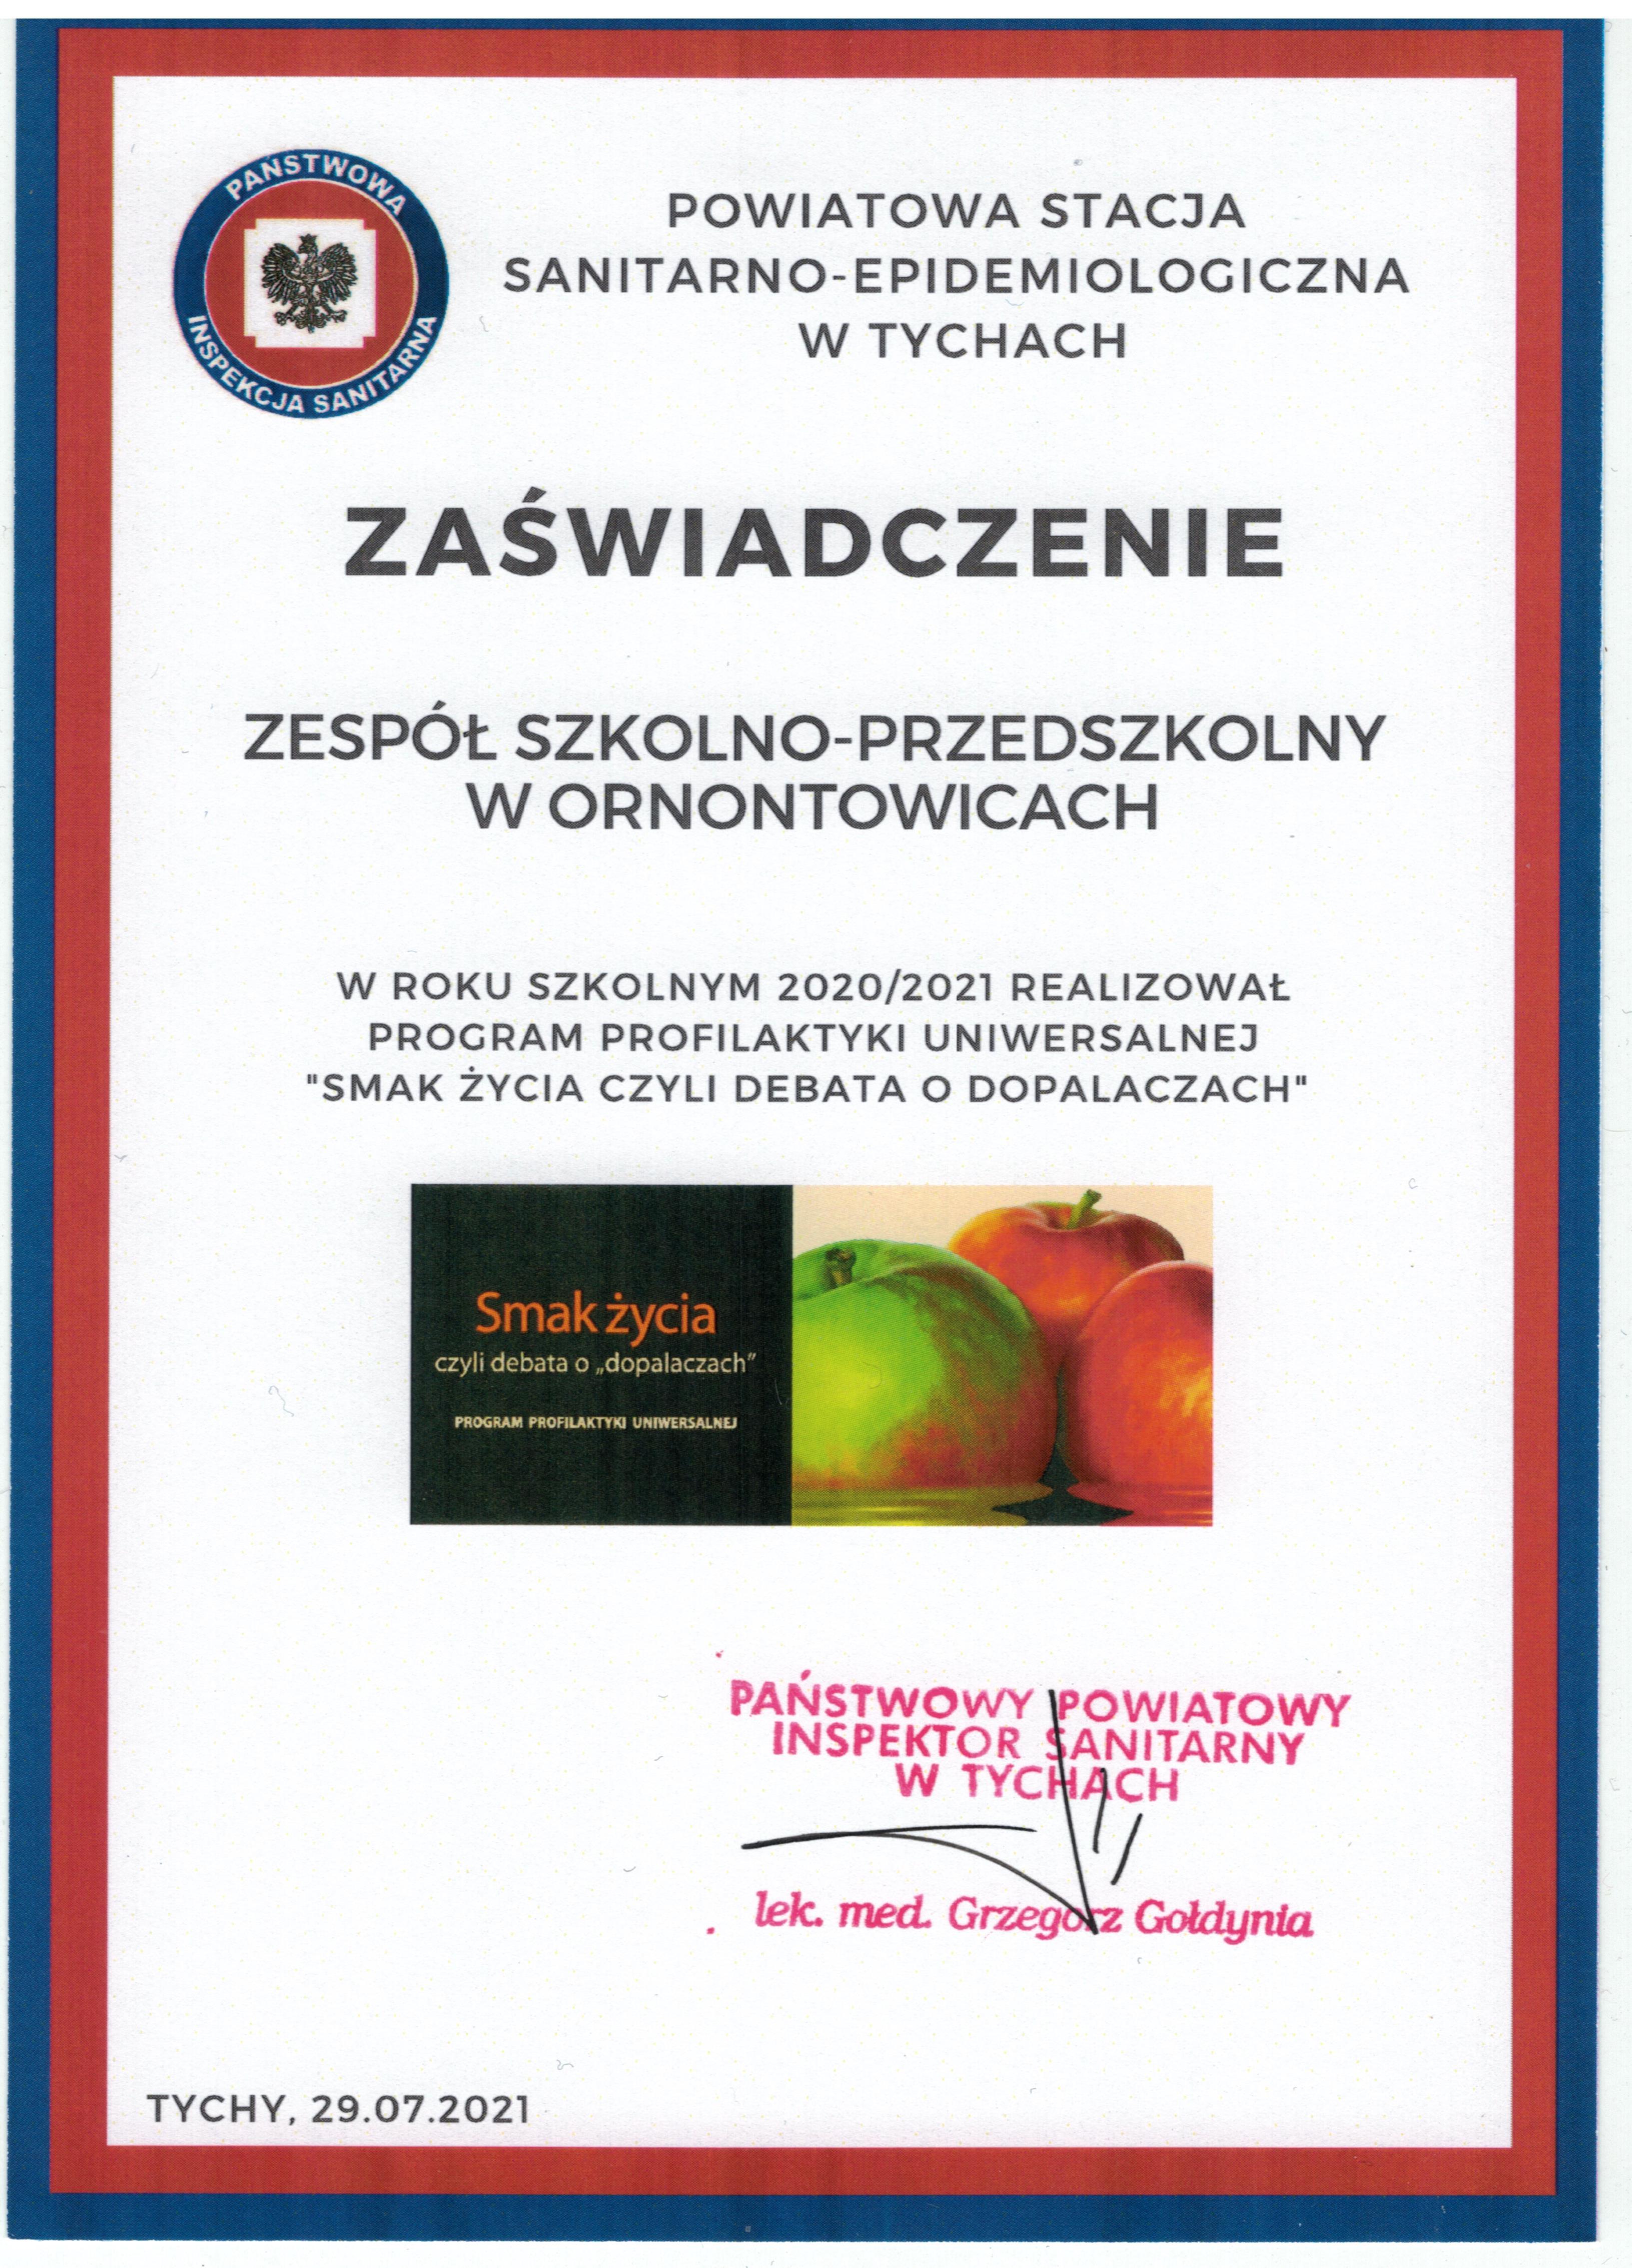 Zaświadczenie dla zespołu za realizację programu profilaktyki uniwersalnej Smak Życia czyli debata o dopalaczach w roku szkolnym 2020/2021, wystawionym przez Powiatową Stację Sanitarno - Epidemiologiczną w Tychach